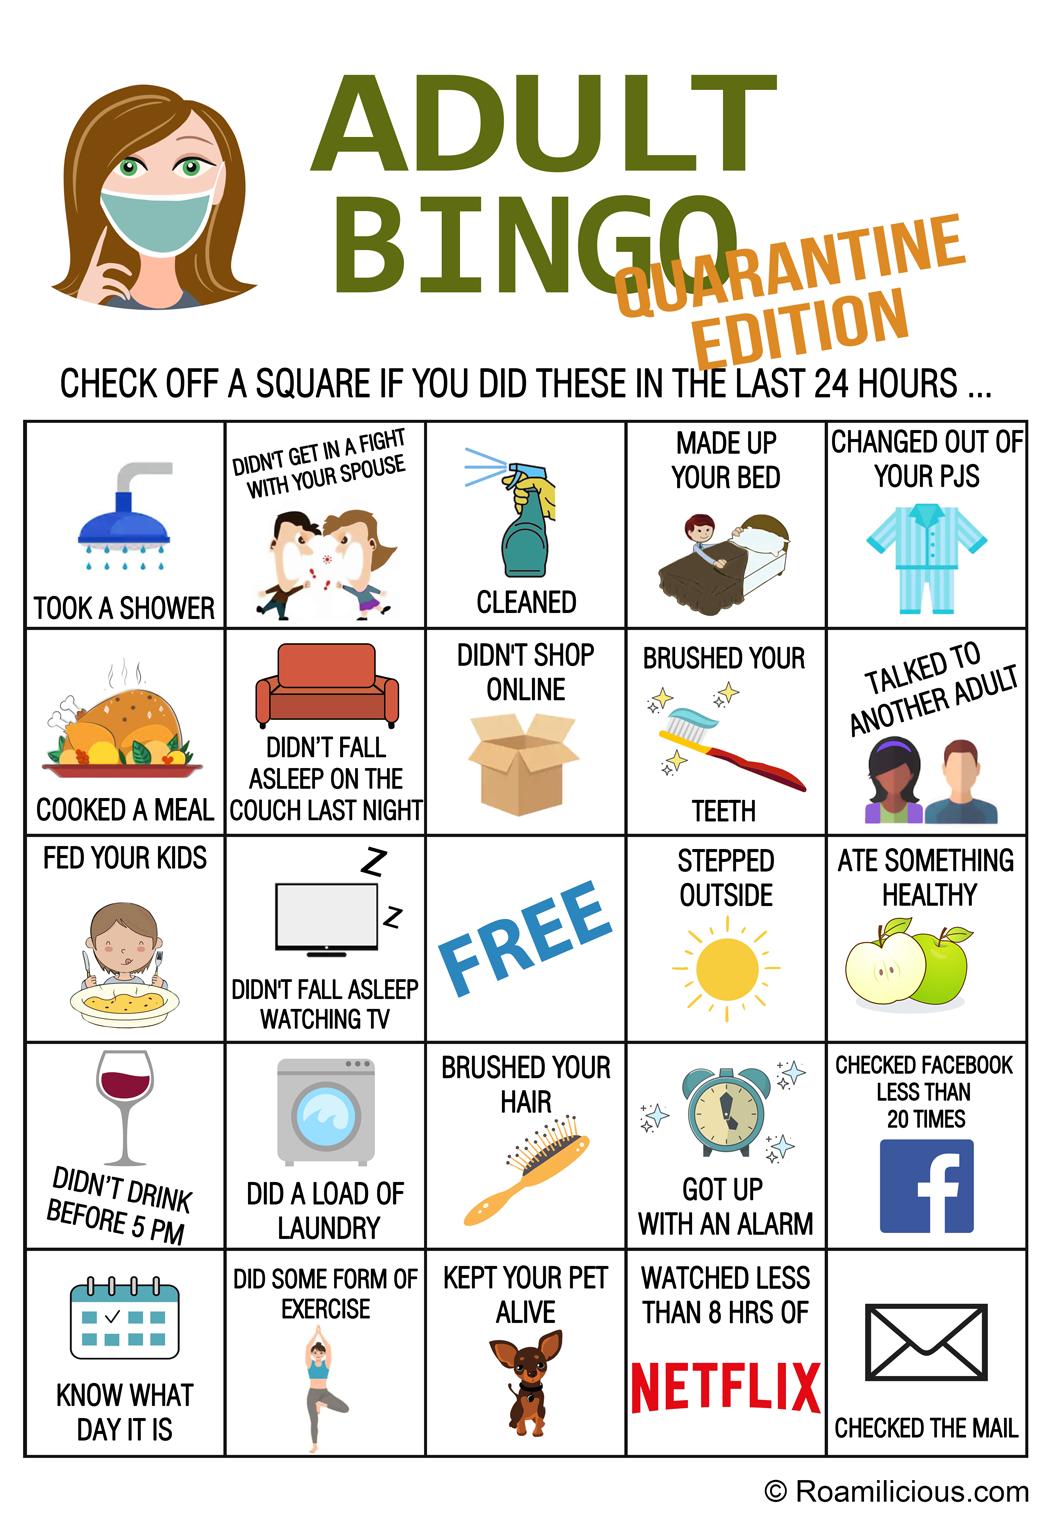 Adult-Bingo-Quarantine Edition-roamilicious